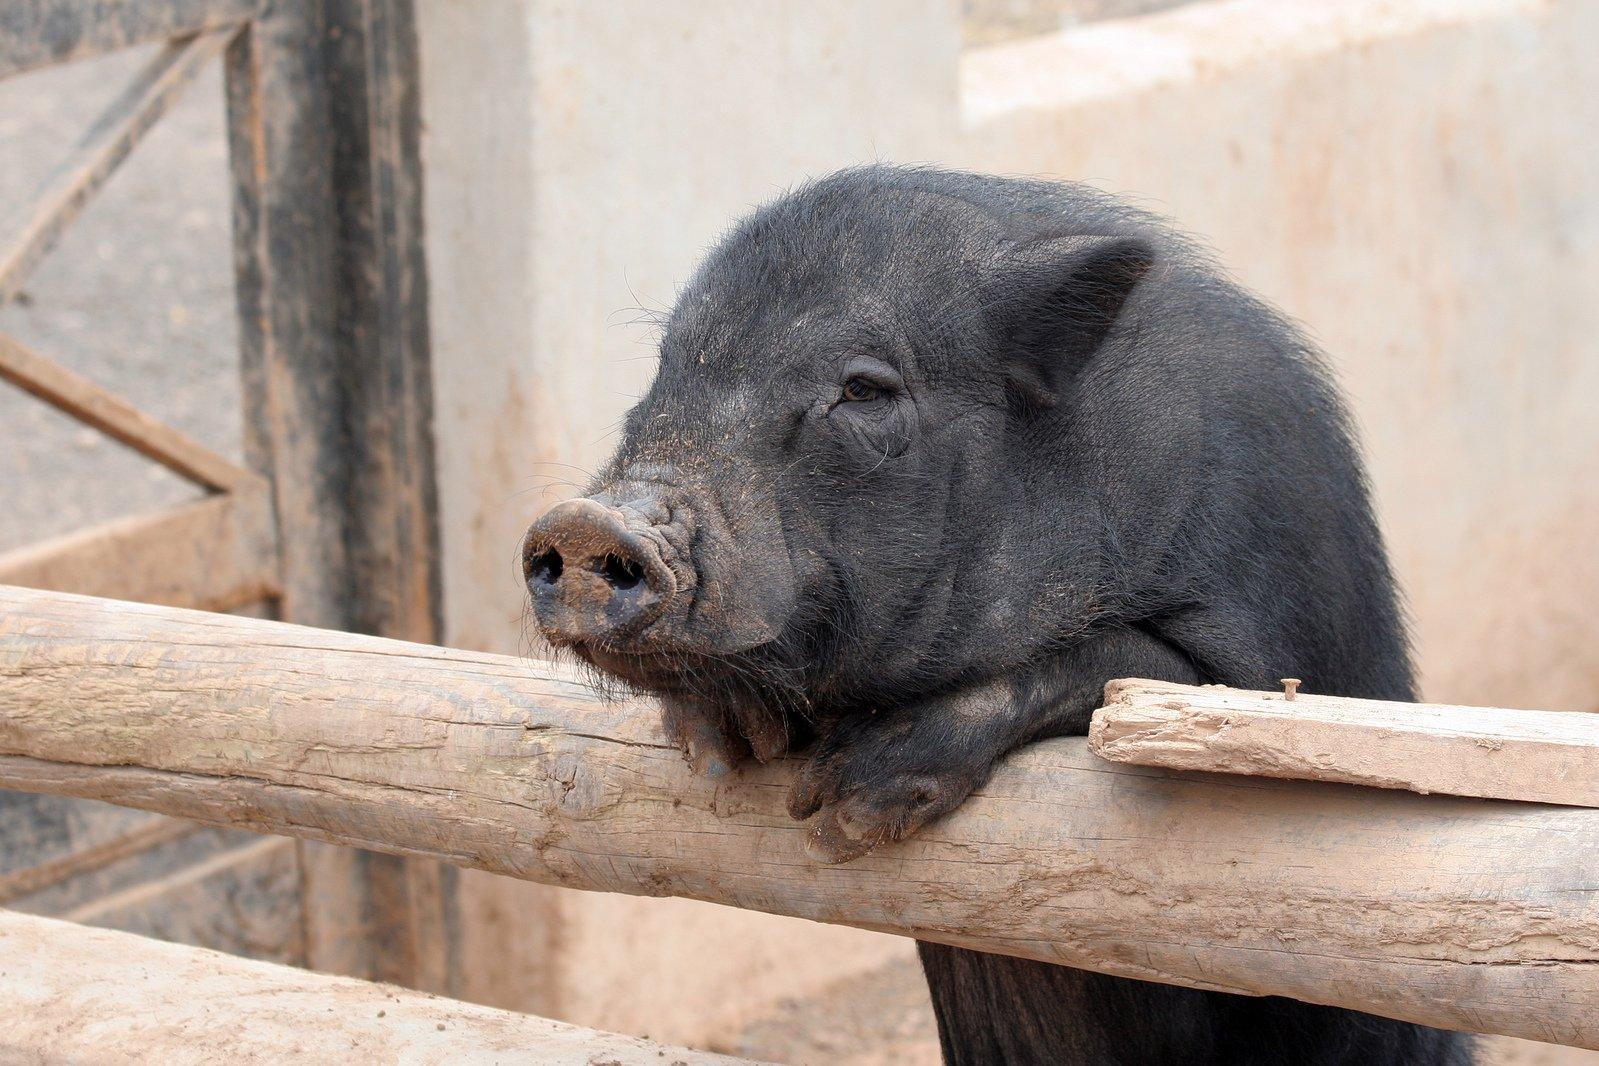 仔猪 动物 也没有 黑色 猪 哺乳动物 户外活动的 没有人 性质 可爱